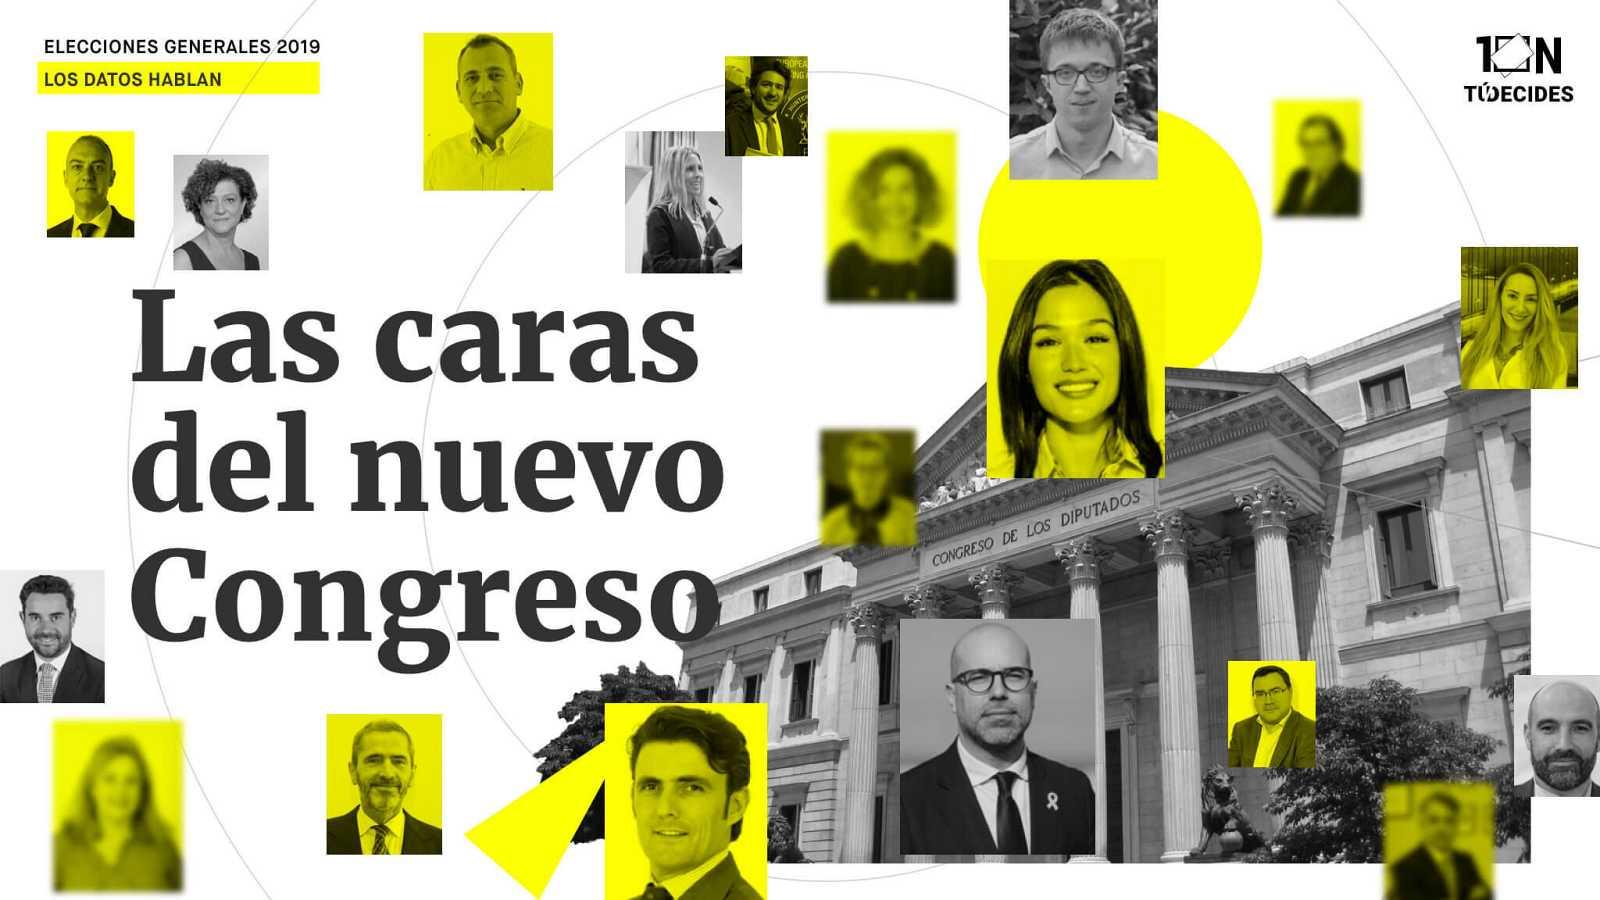 El 3 de diciembre se constituirán las nuevas Cortes en España